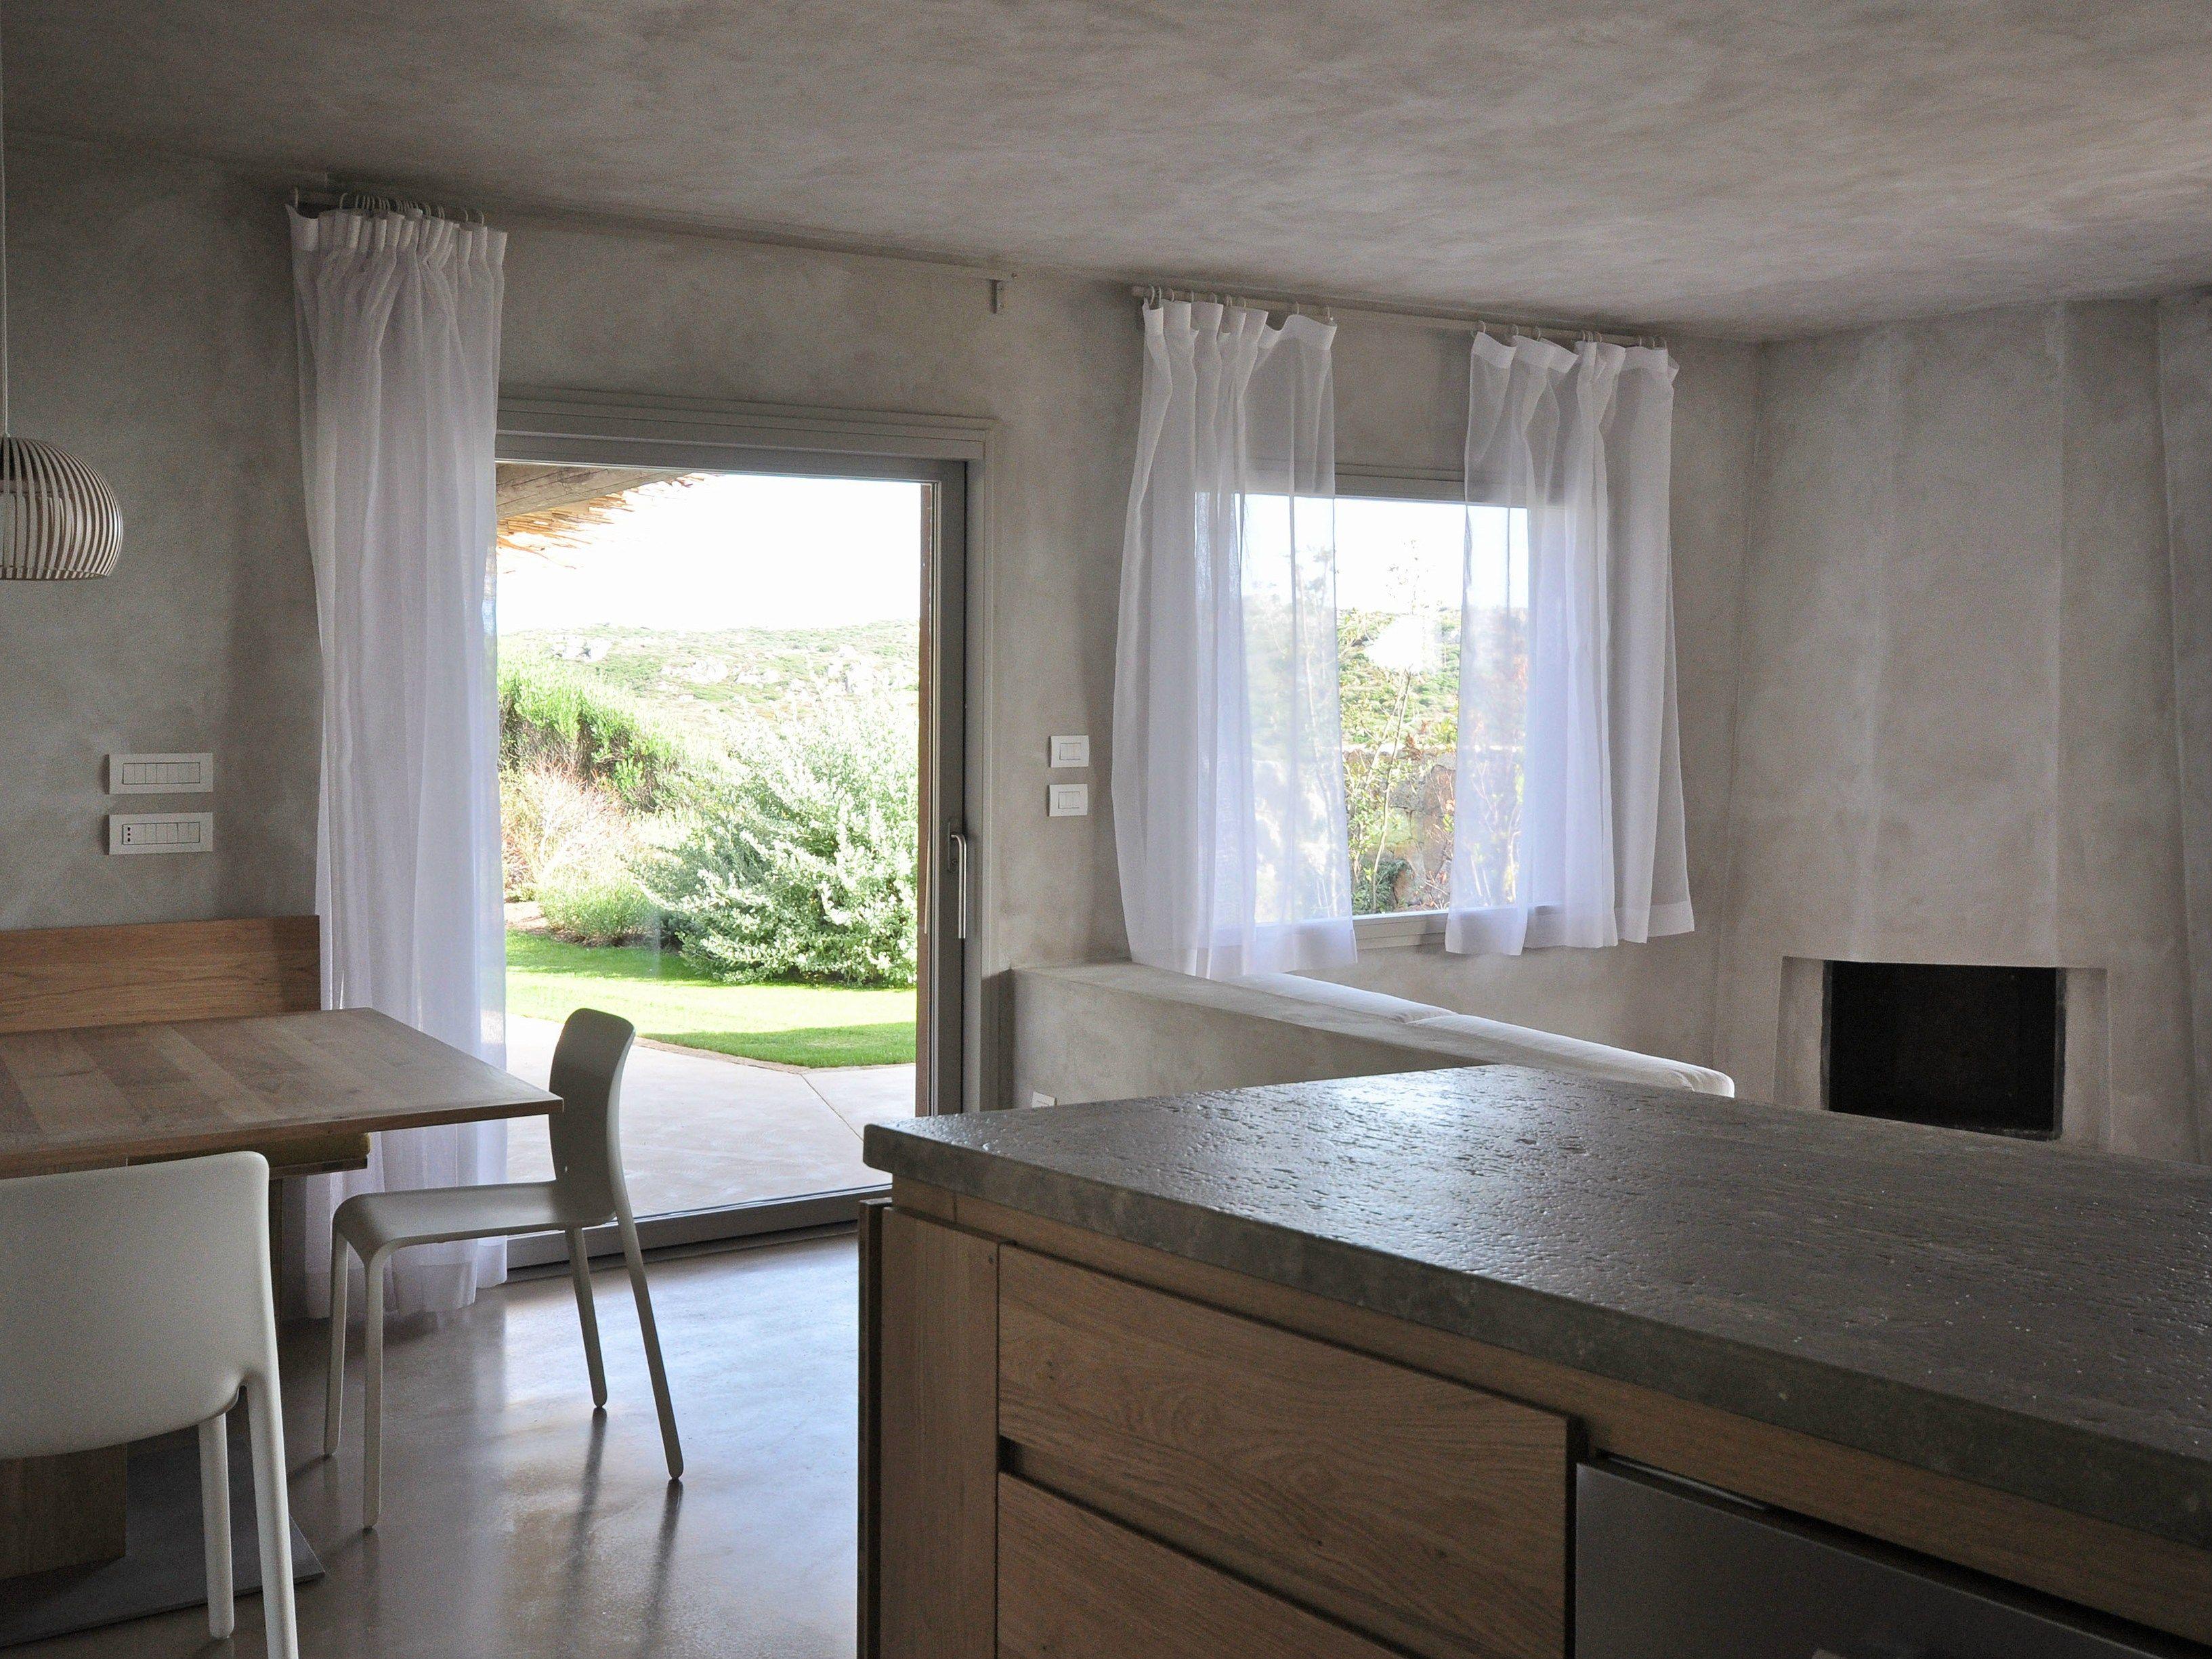 Mensola appesa orizzontale in legno gli tv - Tende finestra cucina ...